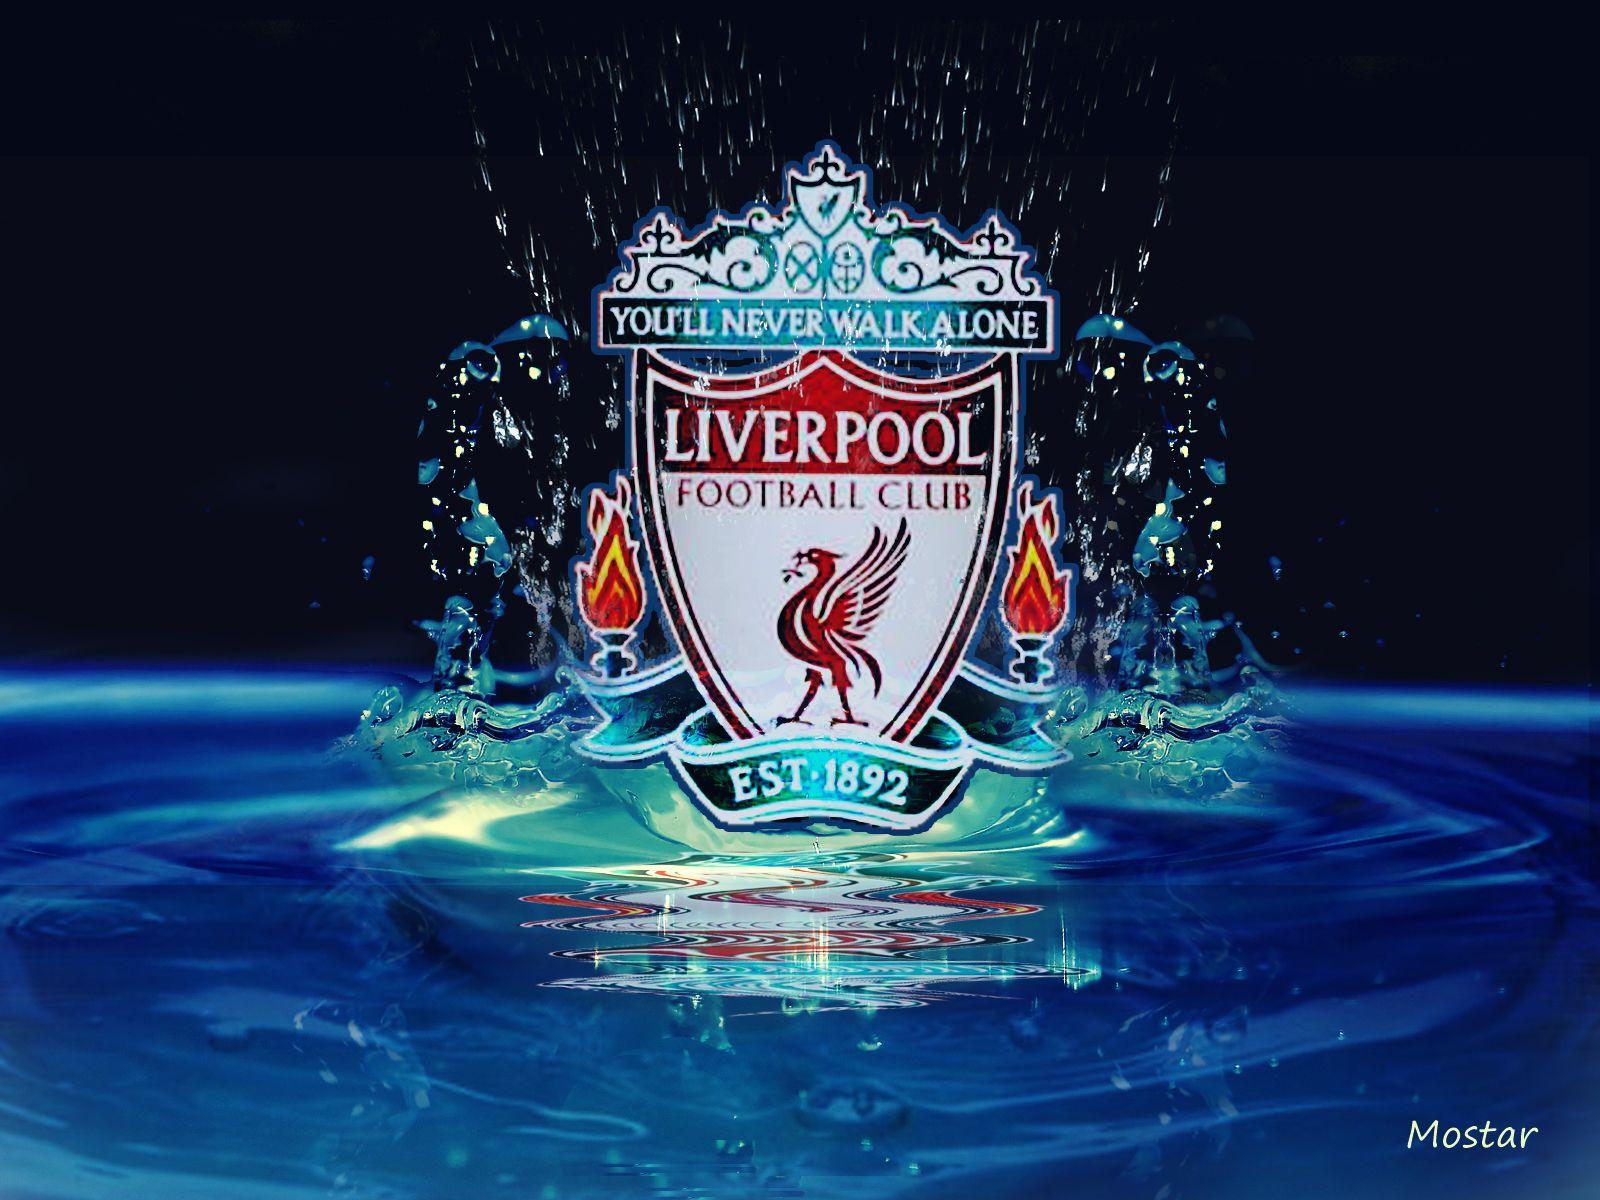 бавария ливерпуль прогноз Pinterest: Liverpool Football Club